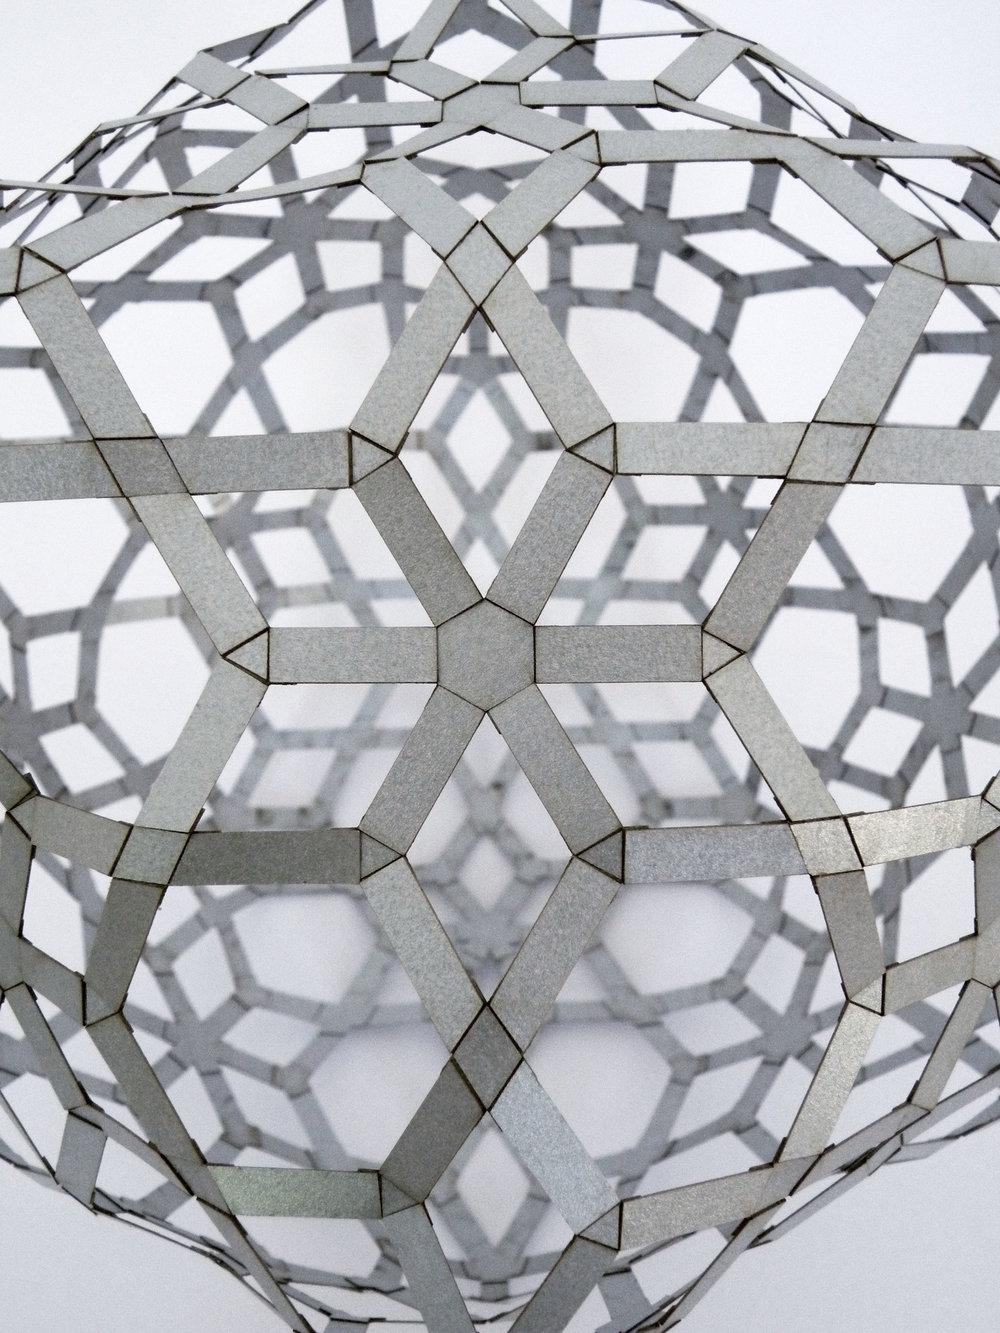 101 AlhambraIcosa-6symDet.jpg